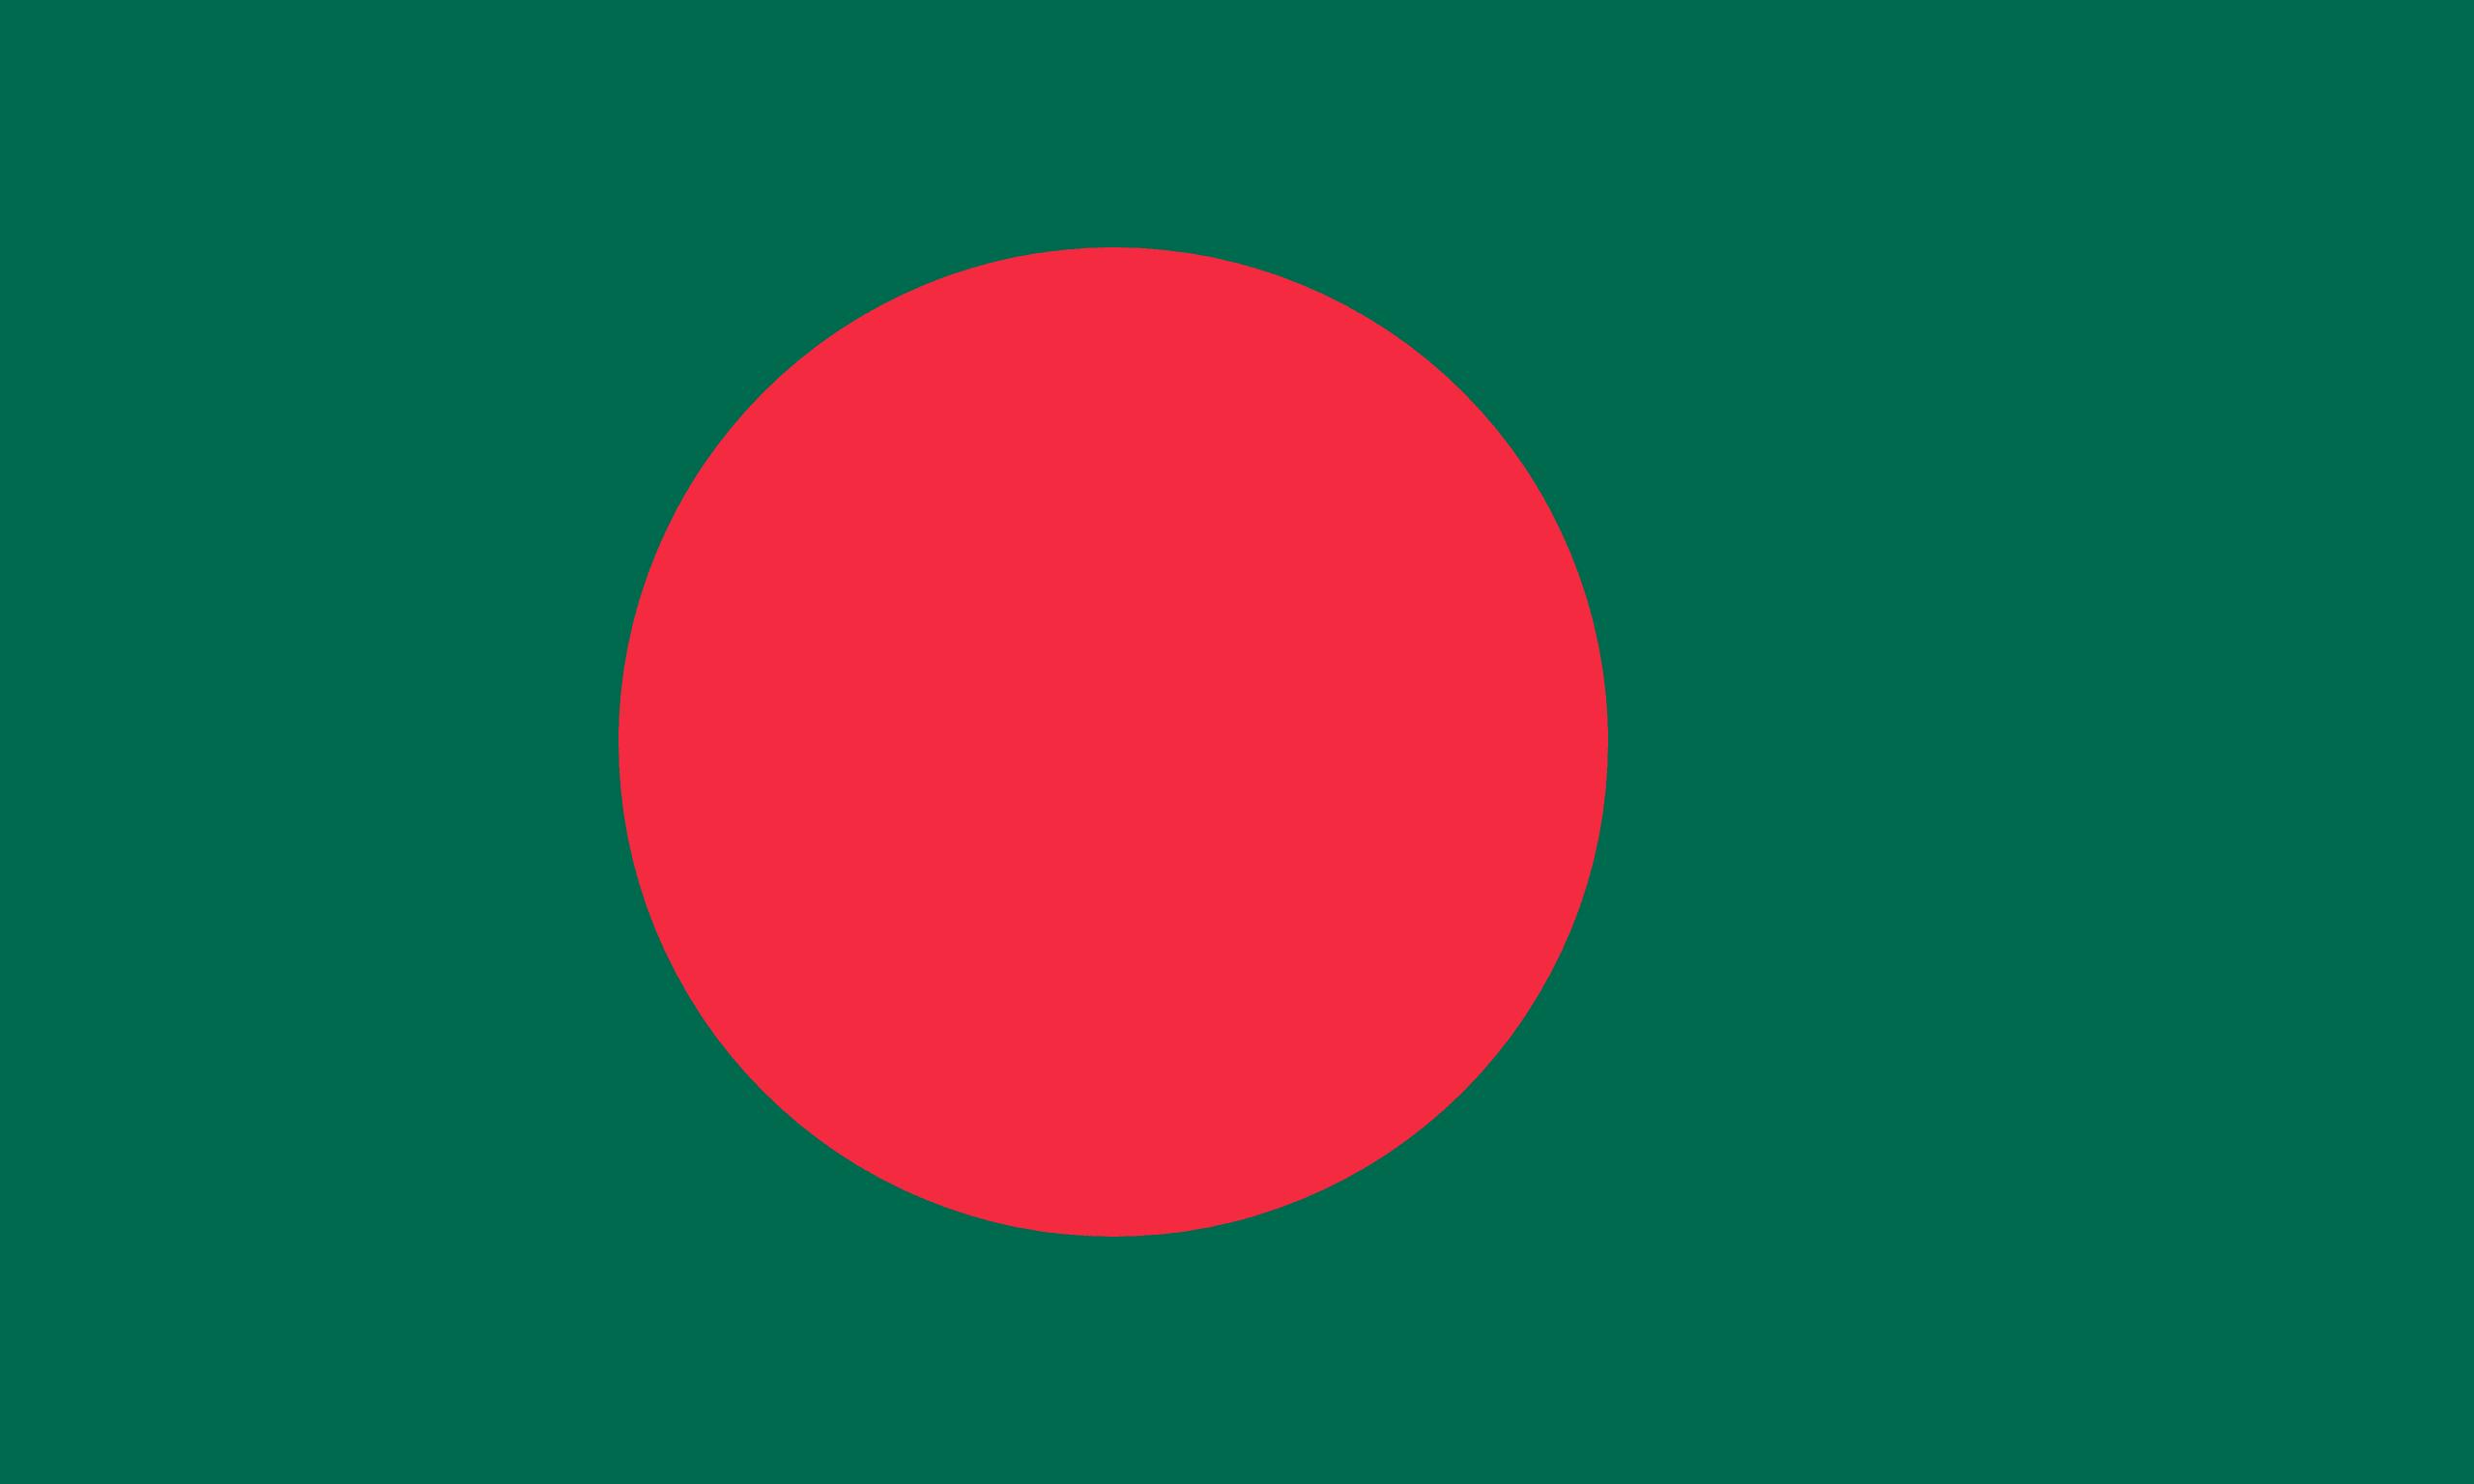 Bangladesh   Banderas de países